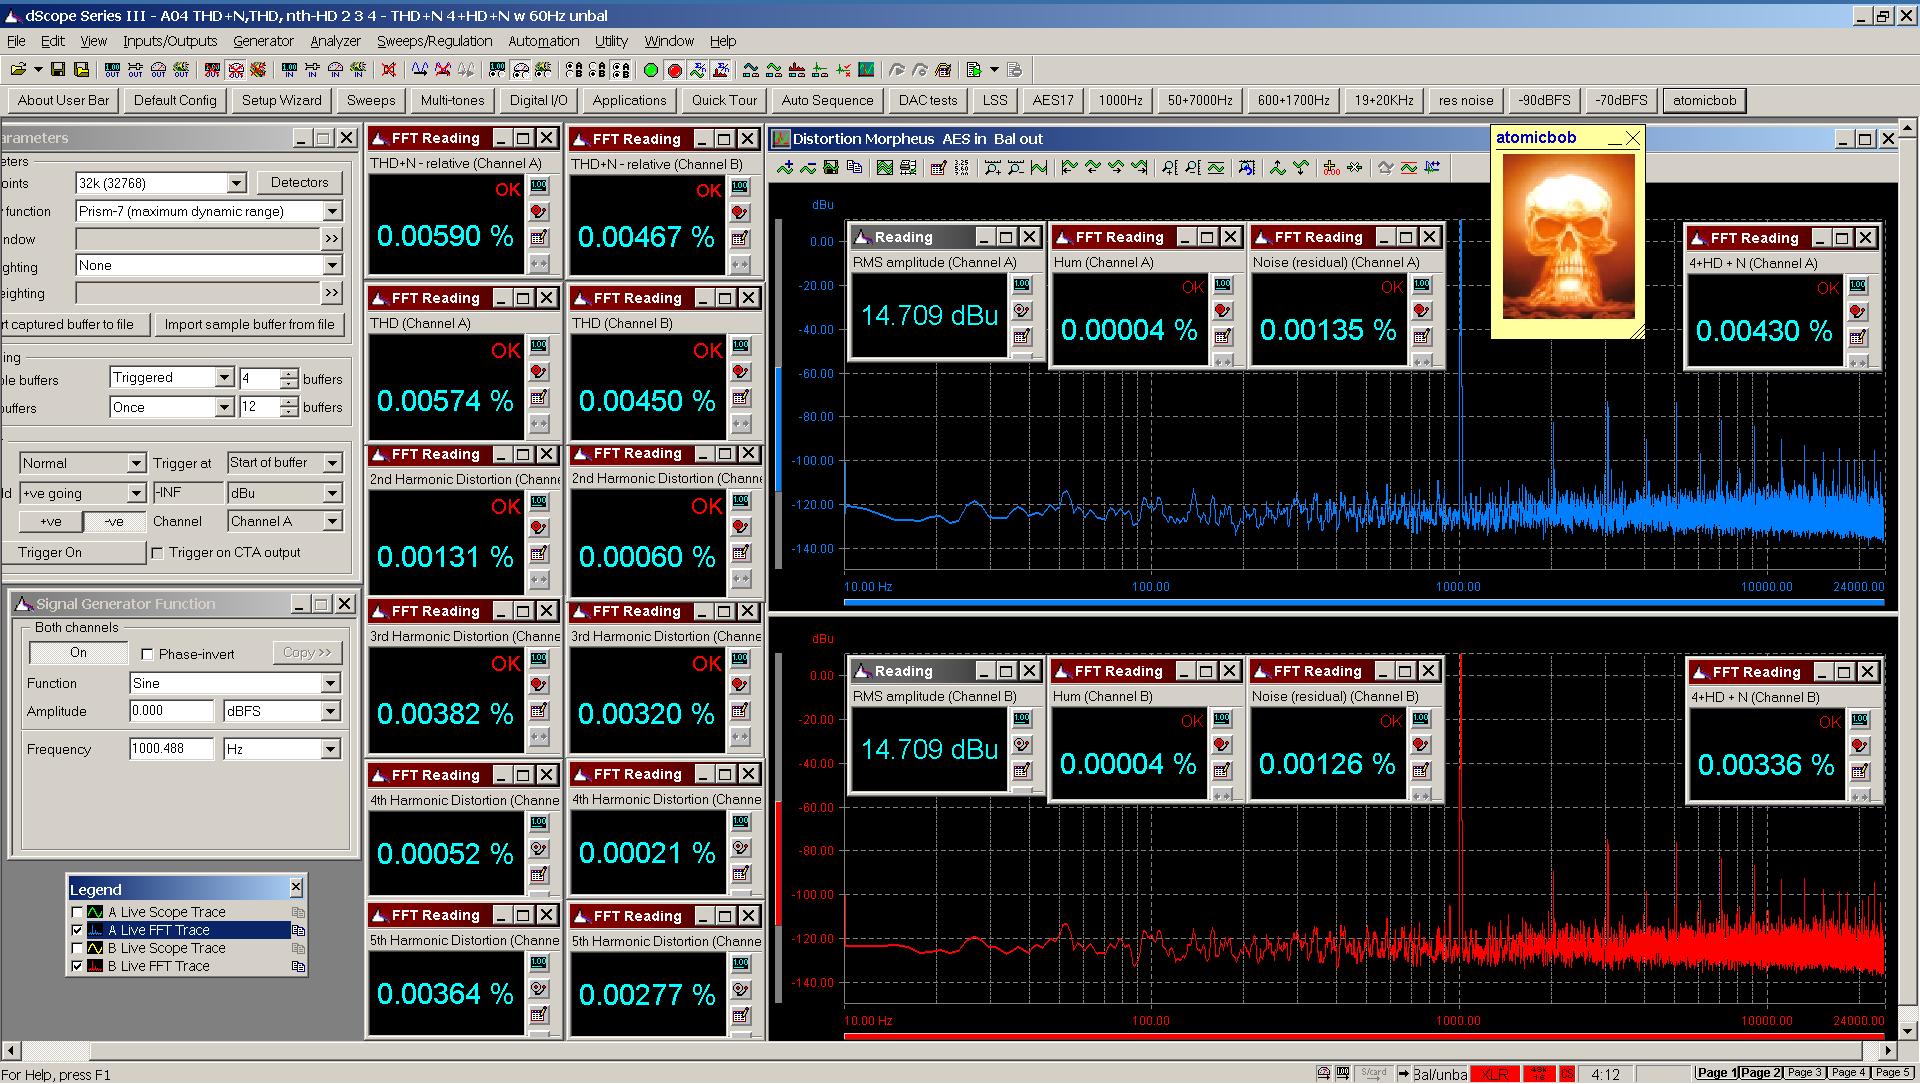 20200717 morpheus A04 THD+N THD nth-HD 4+HD+N 60Hz FFT Bal 0dBFS - AES.png